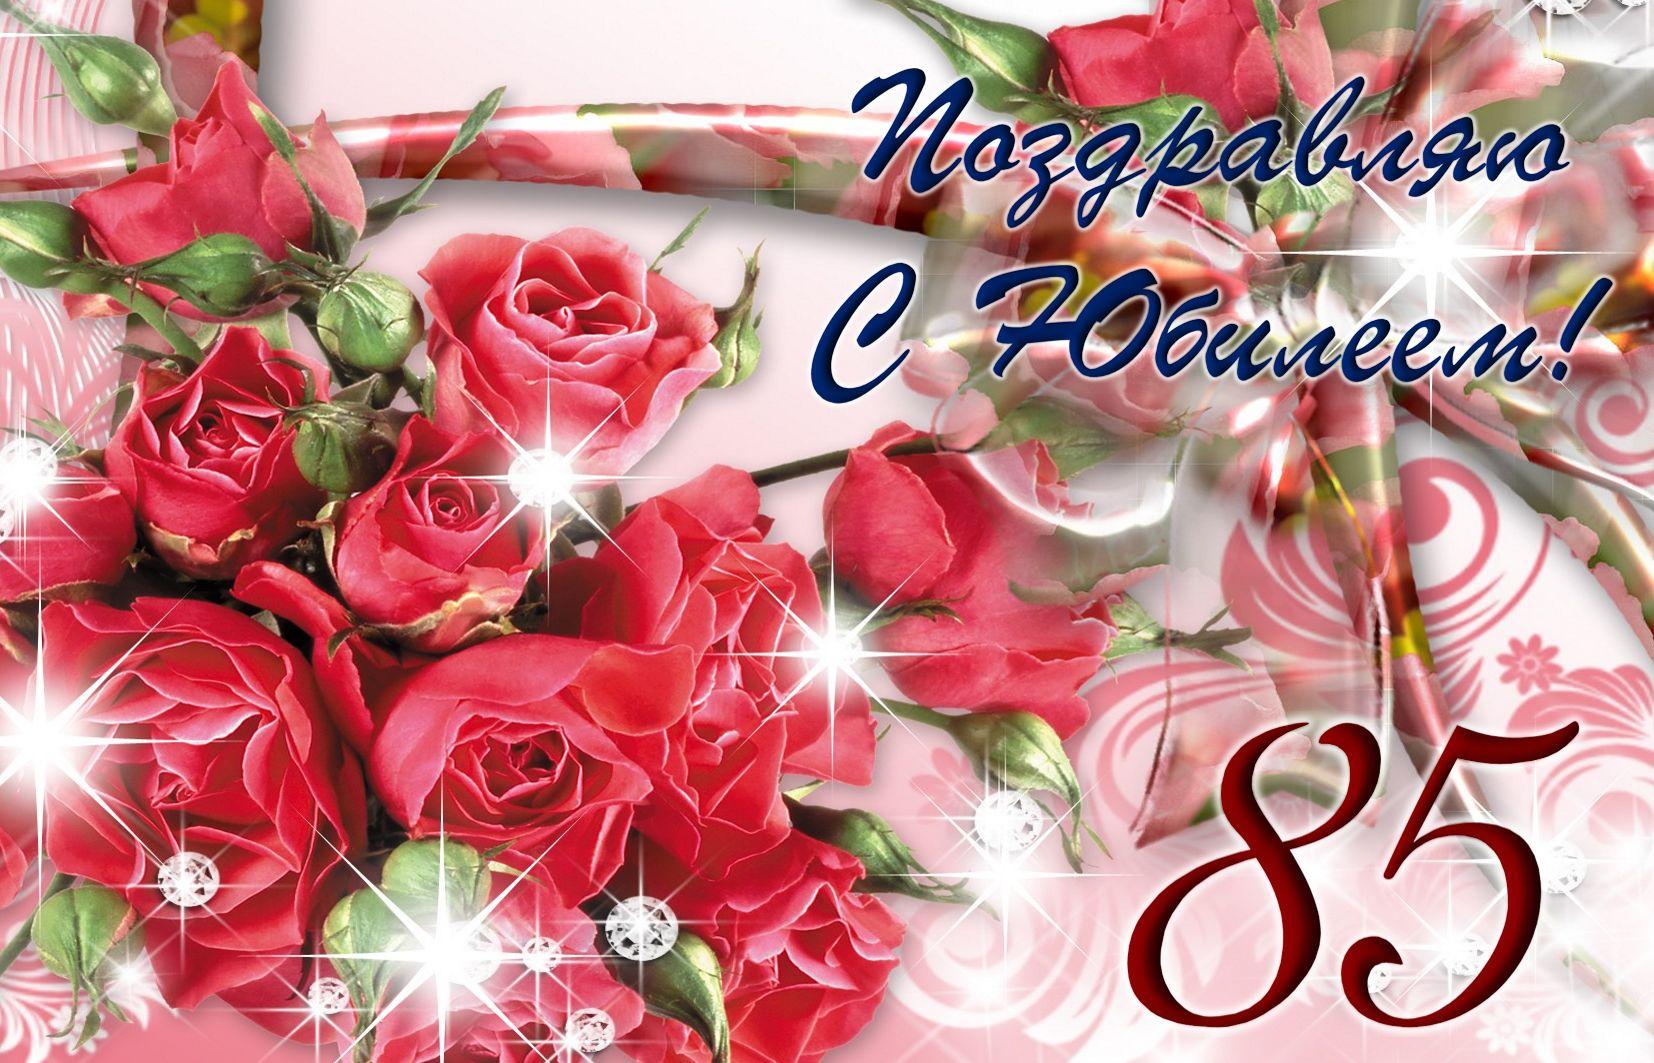 Блестящие розы и поздравление к юбилею 85 лет